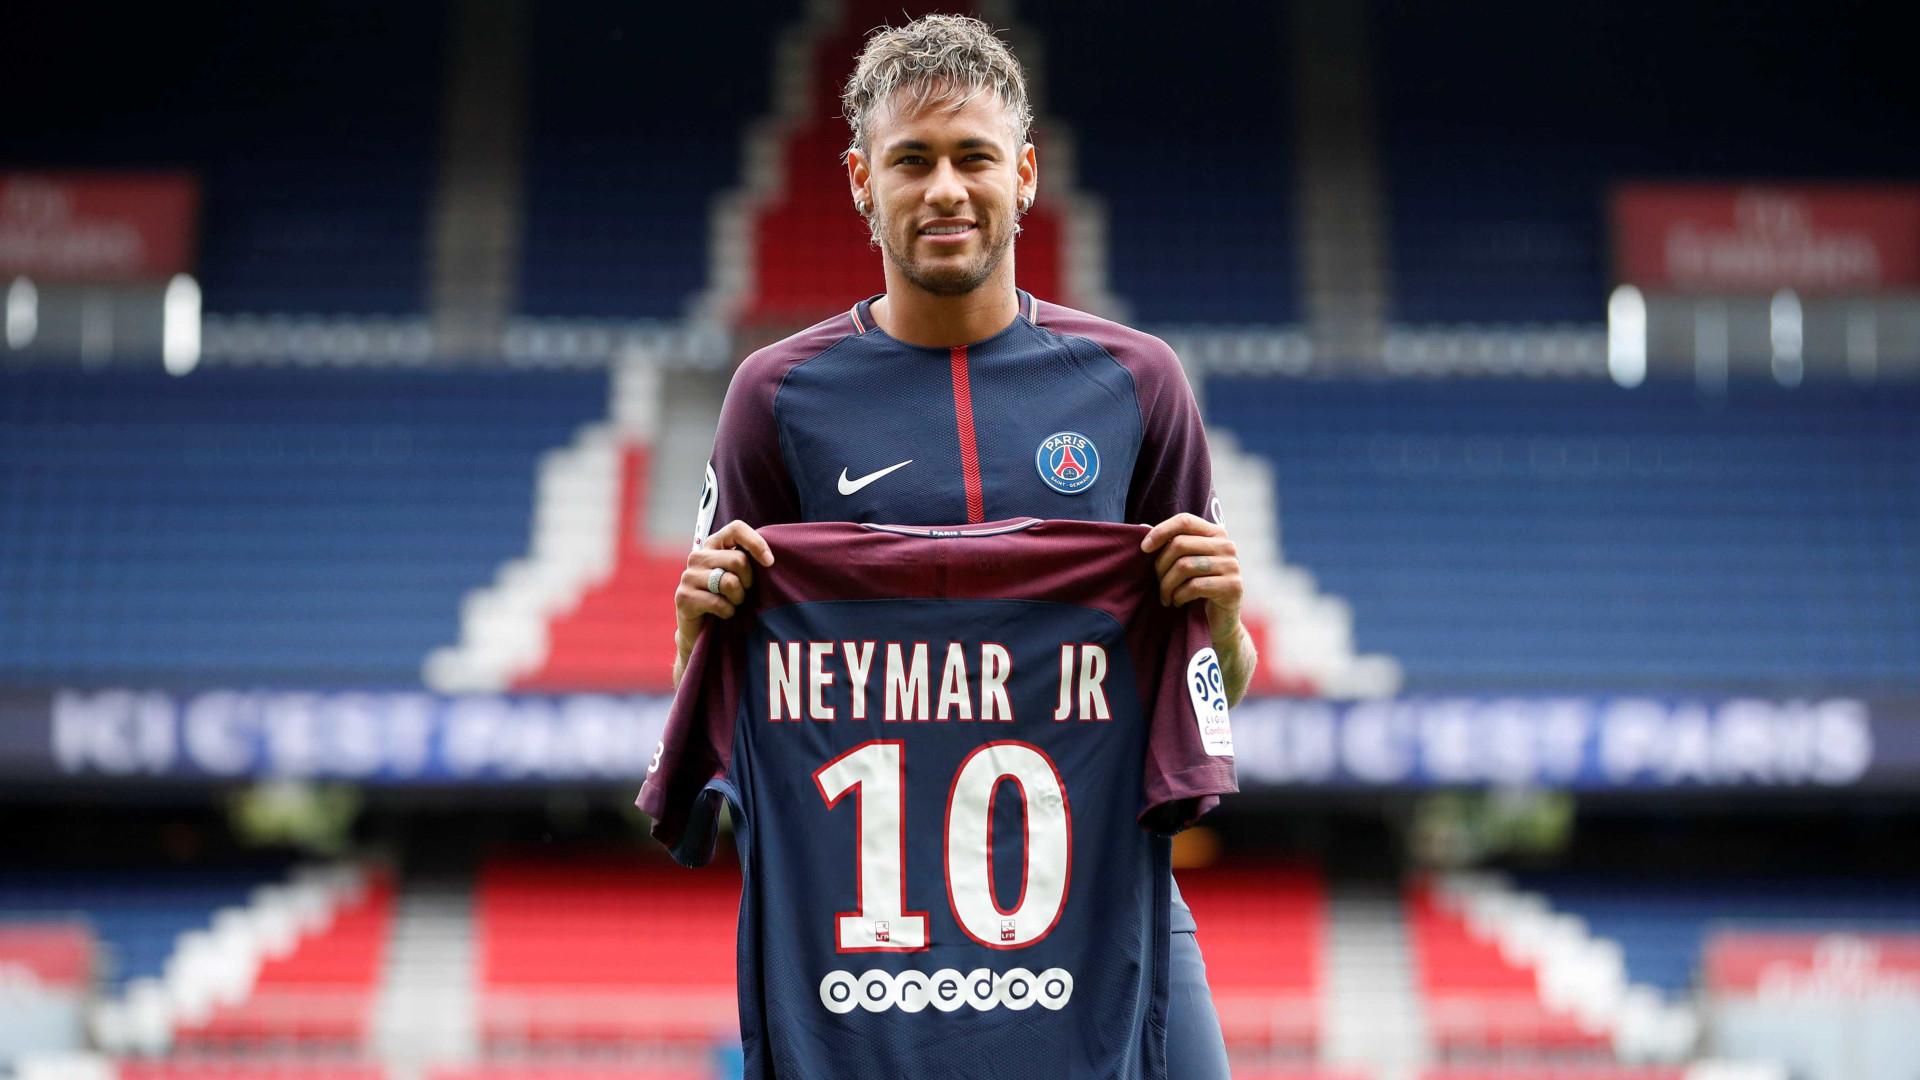 VÍDEO: Cinco coisas sobre Neymar no Parque dos Príncipes